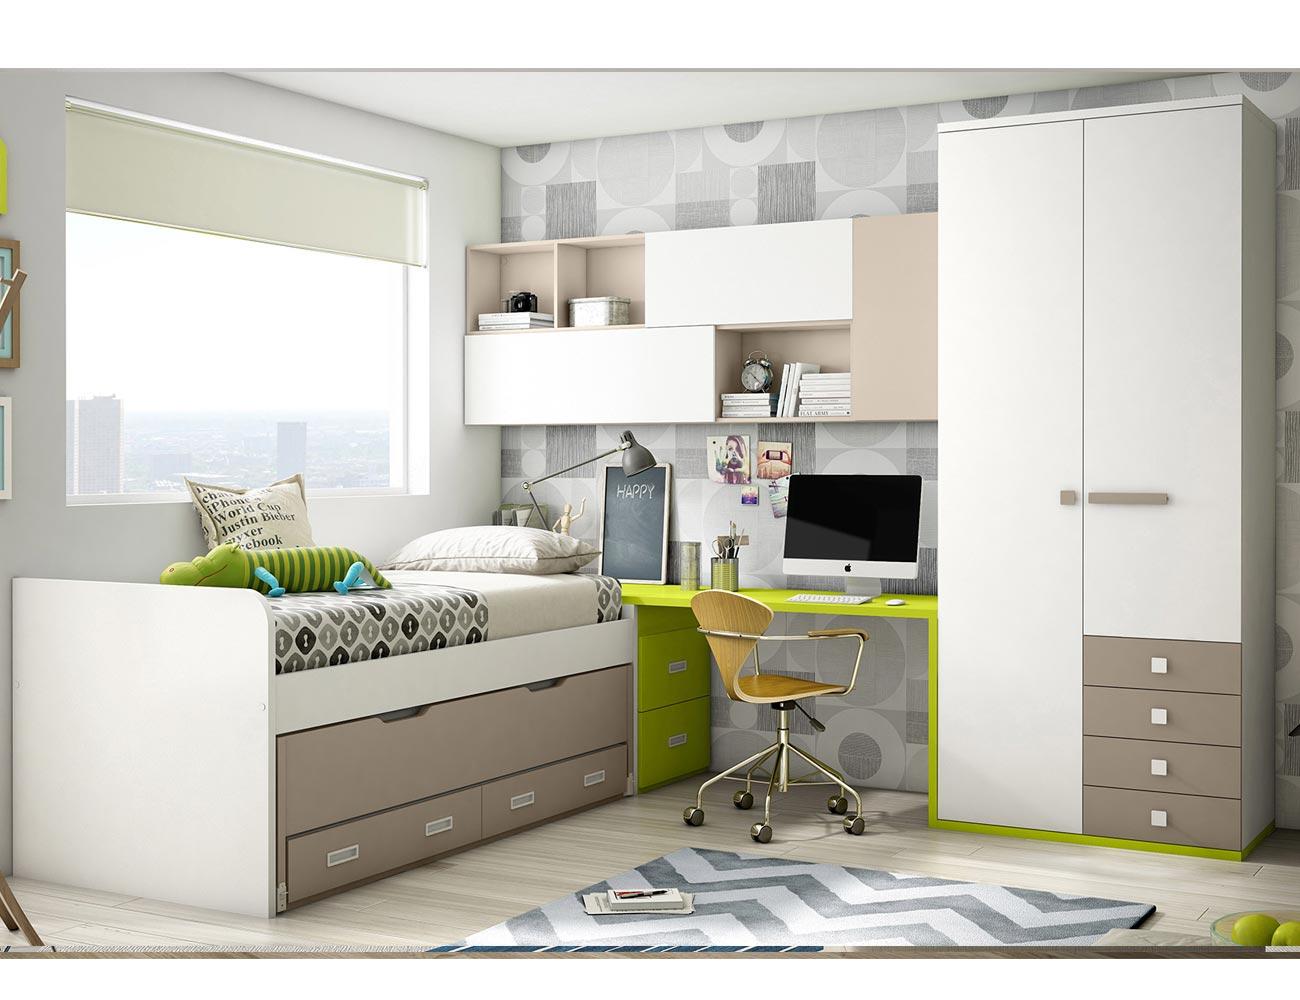 Dormitorio juvenil cama nido armario cajones